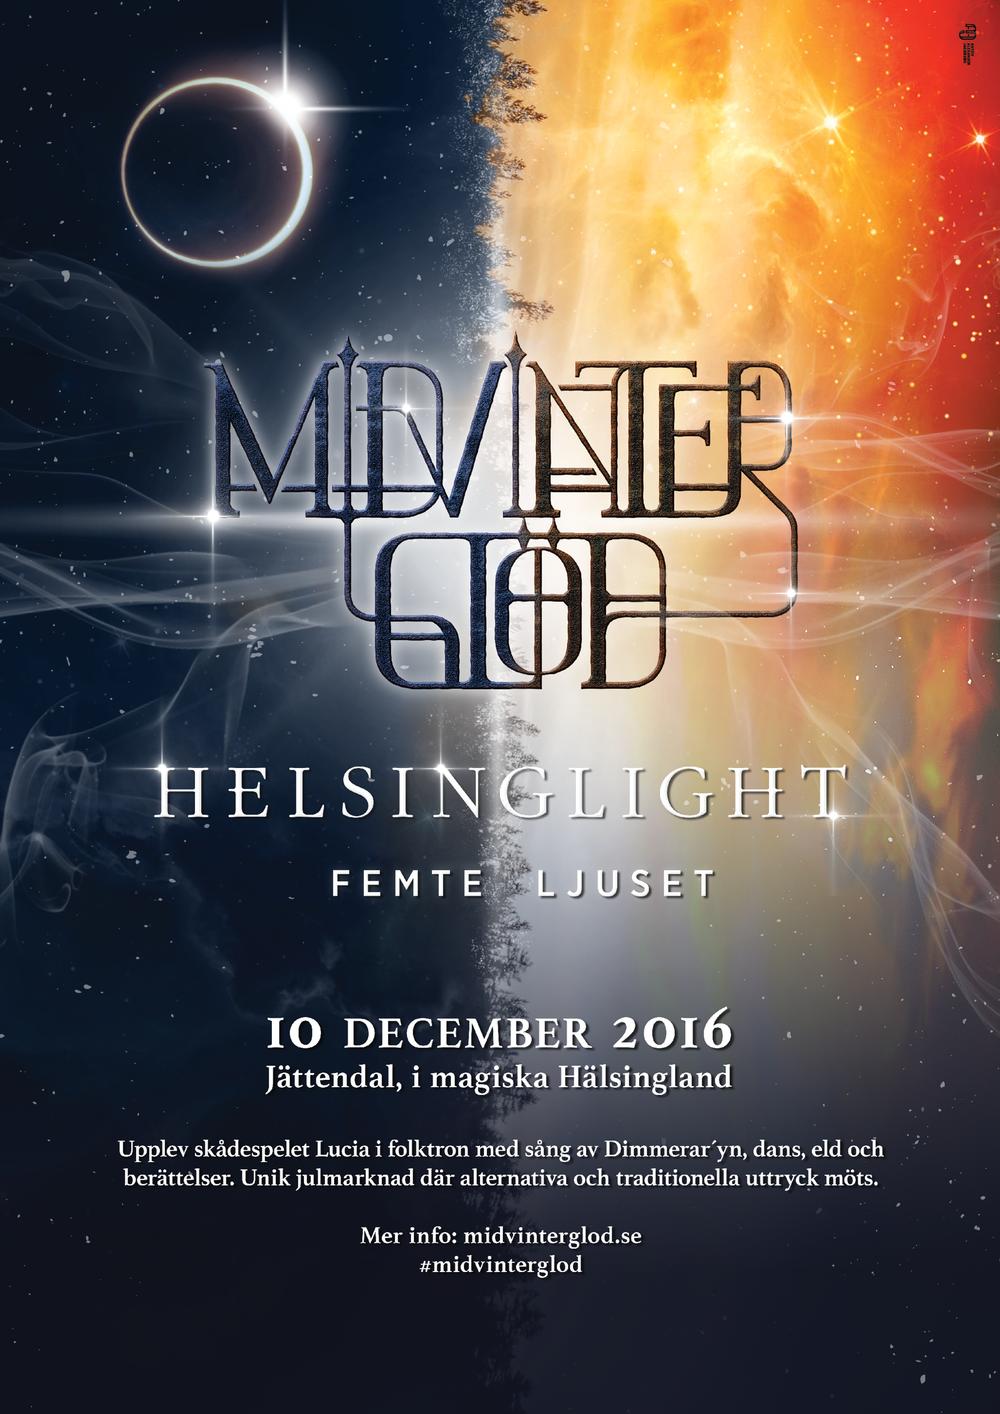 """Årets poster för """"Midvinterglöd 2016 - Helsinglight, Femte Ljuset"""" skapad av Anton Alexander Jacobson."""